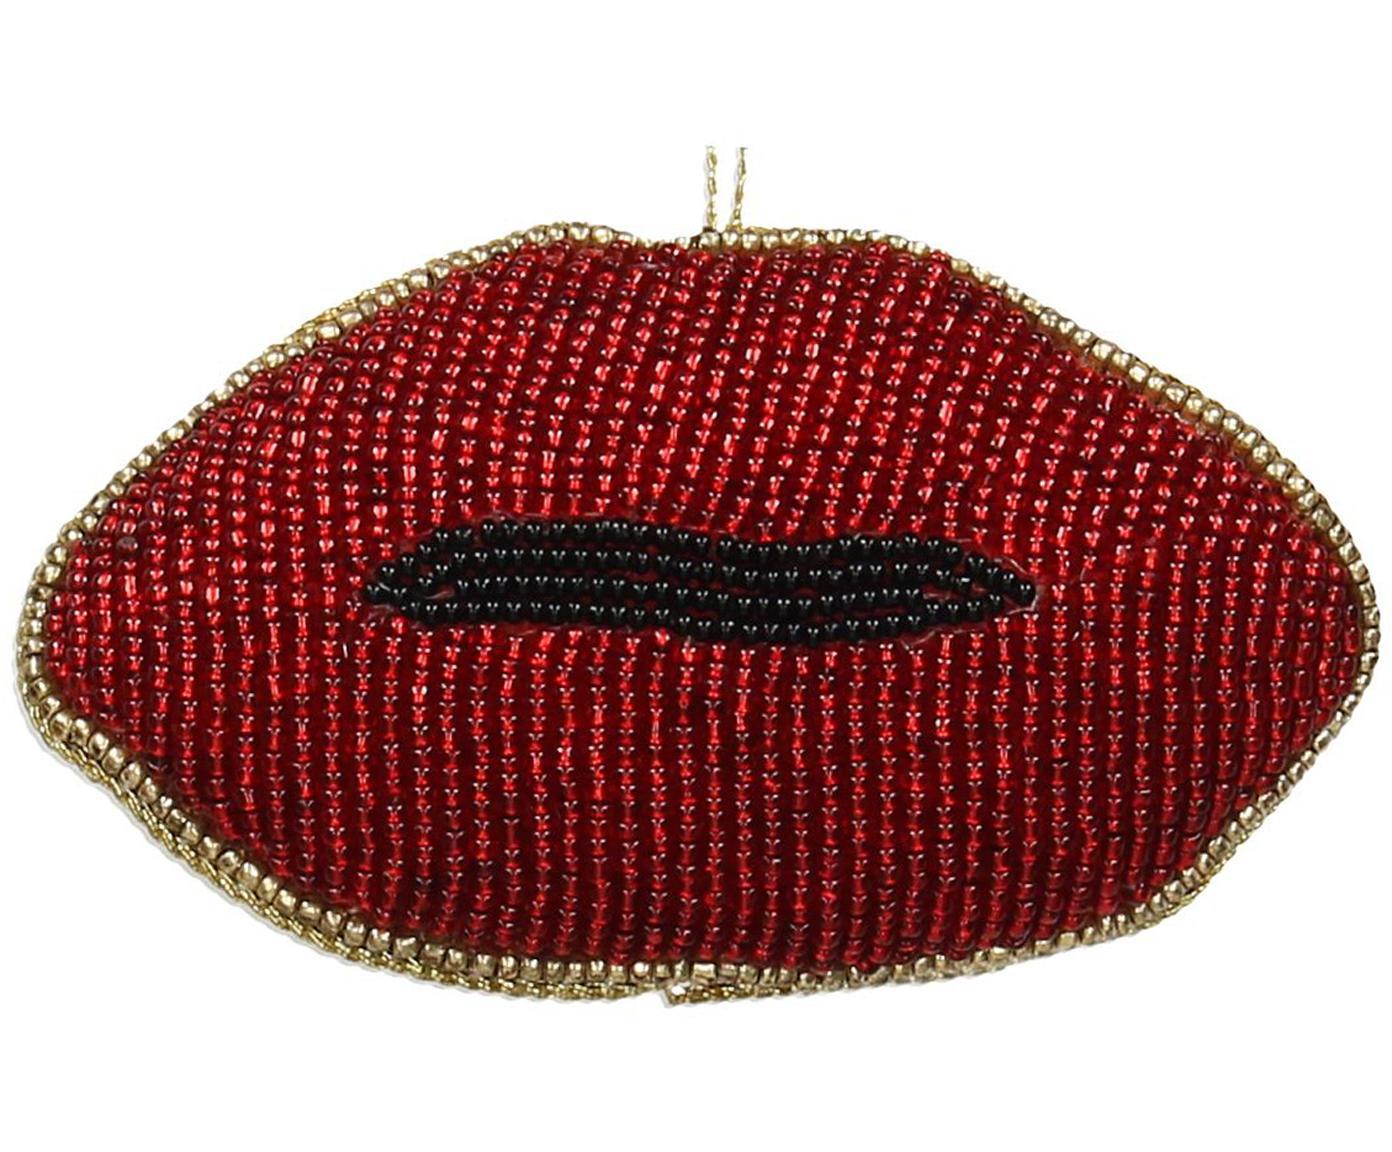 Baumanhänger Lips, 2 Stück, Rot, Schwarz, Goldfarben, 11 x 6 cm